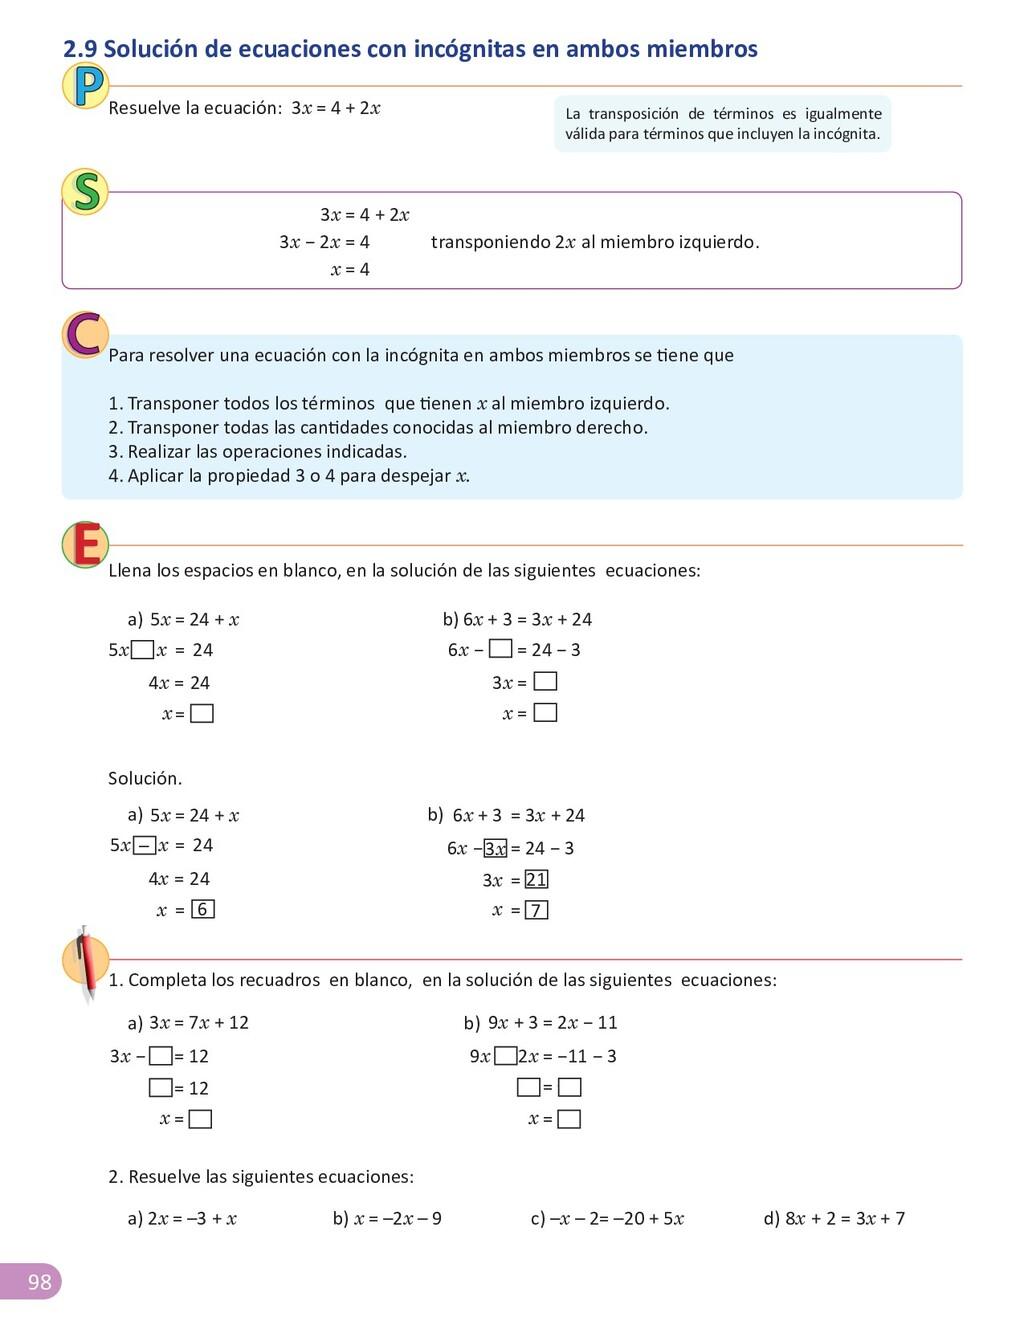 98 2. Resuelve las siguientes ecuaciones: 4 + 2...